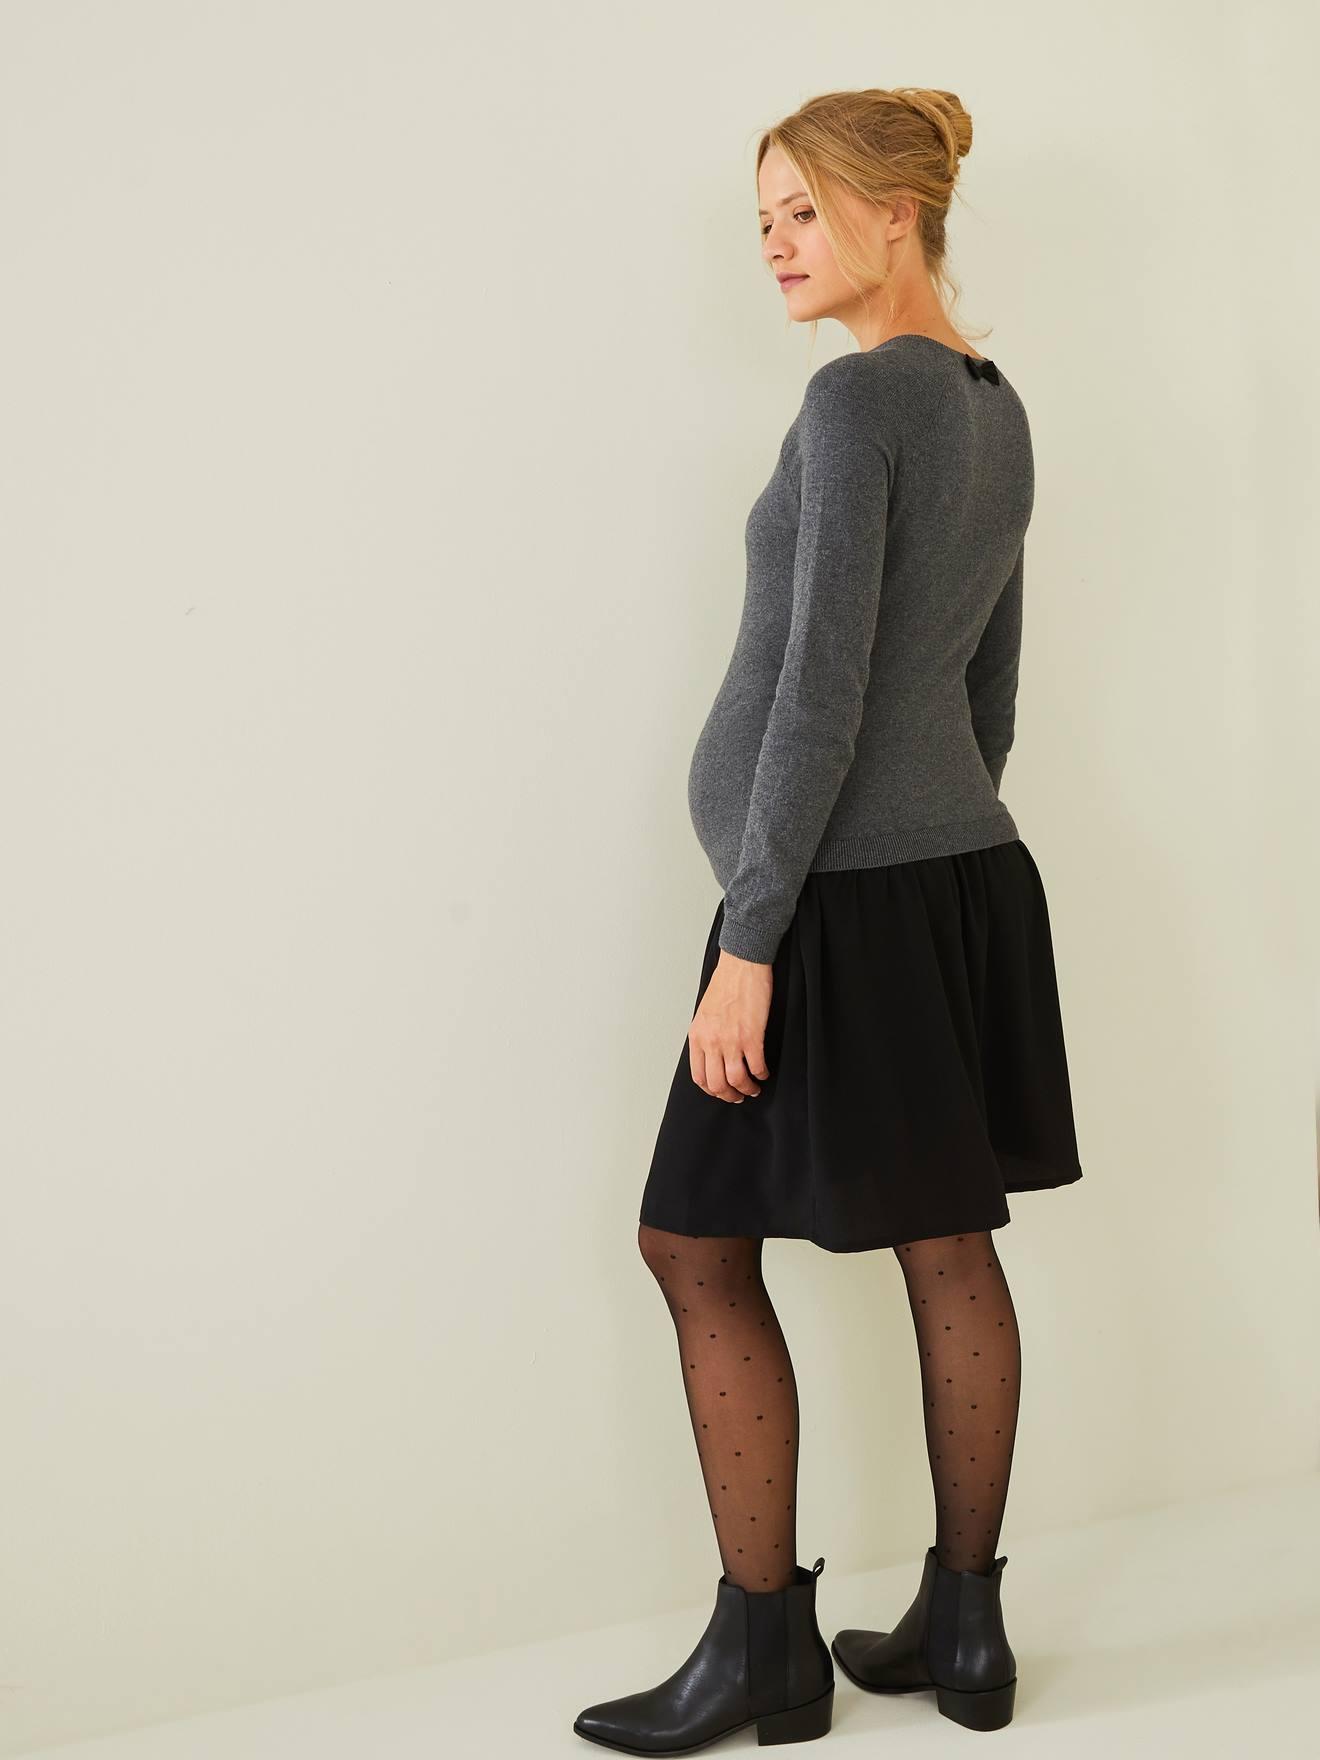 VERTBAUDET - Vestido bimatéria, especial gravidez e amamentação cinzento escuro mesclado